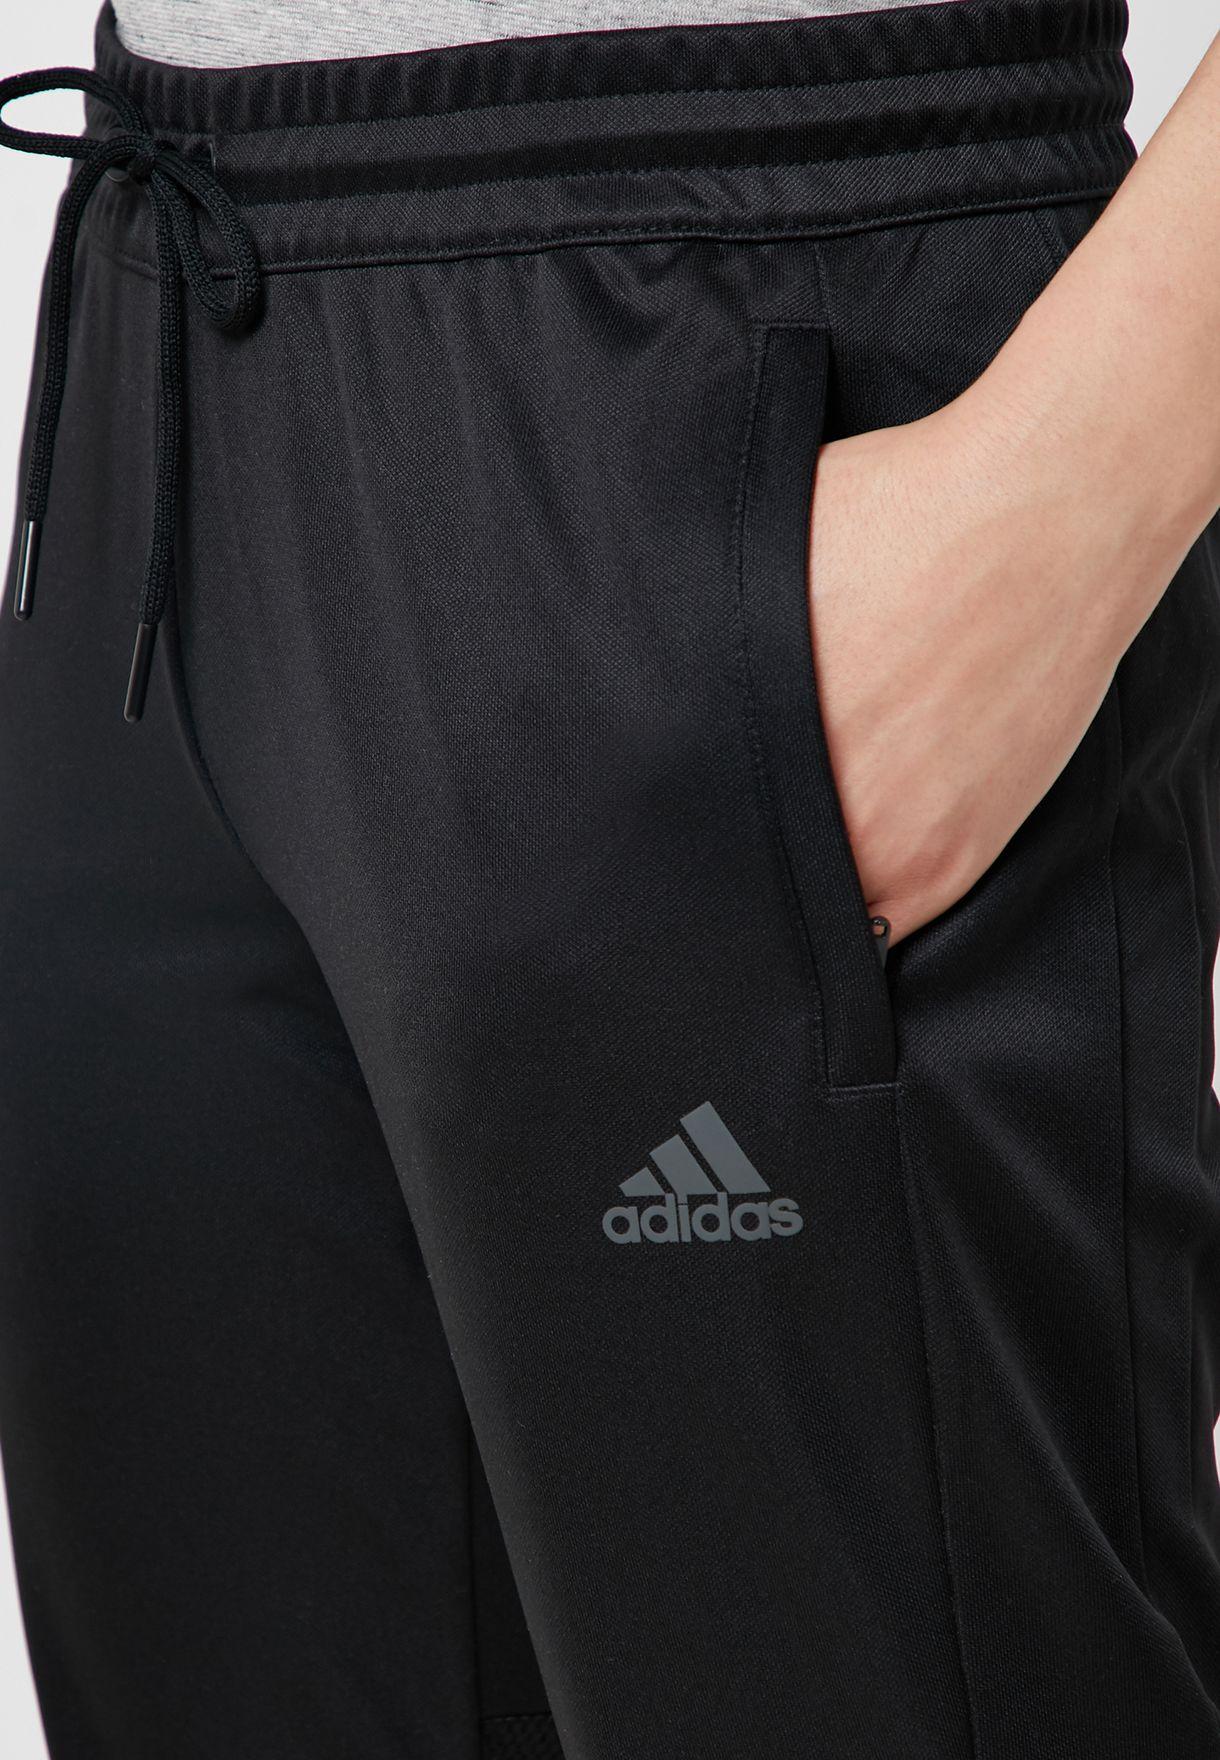 adidas snap pants 7/8